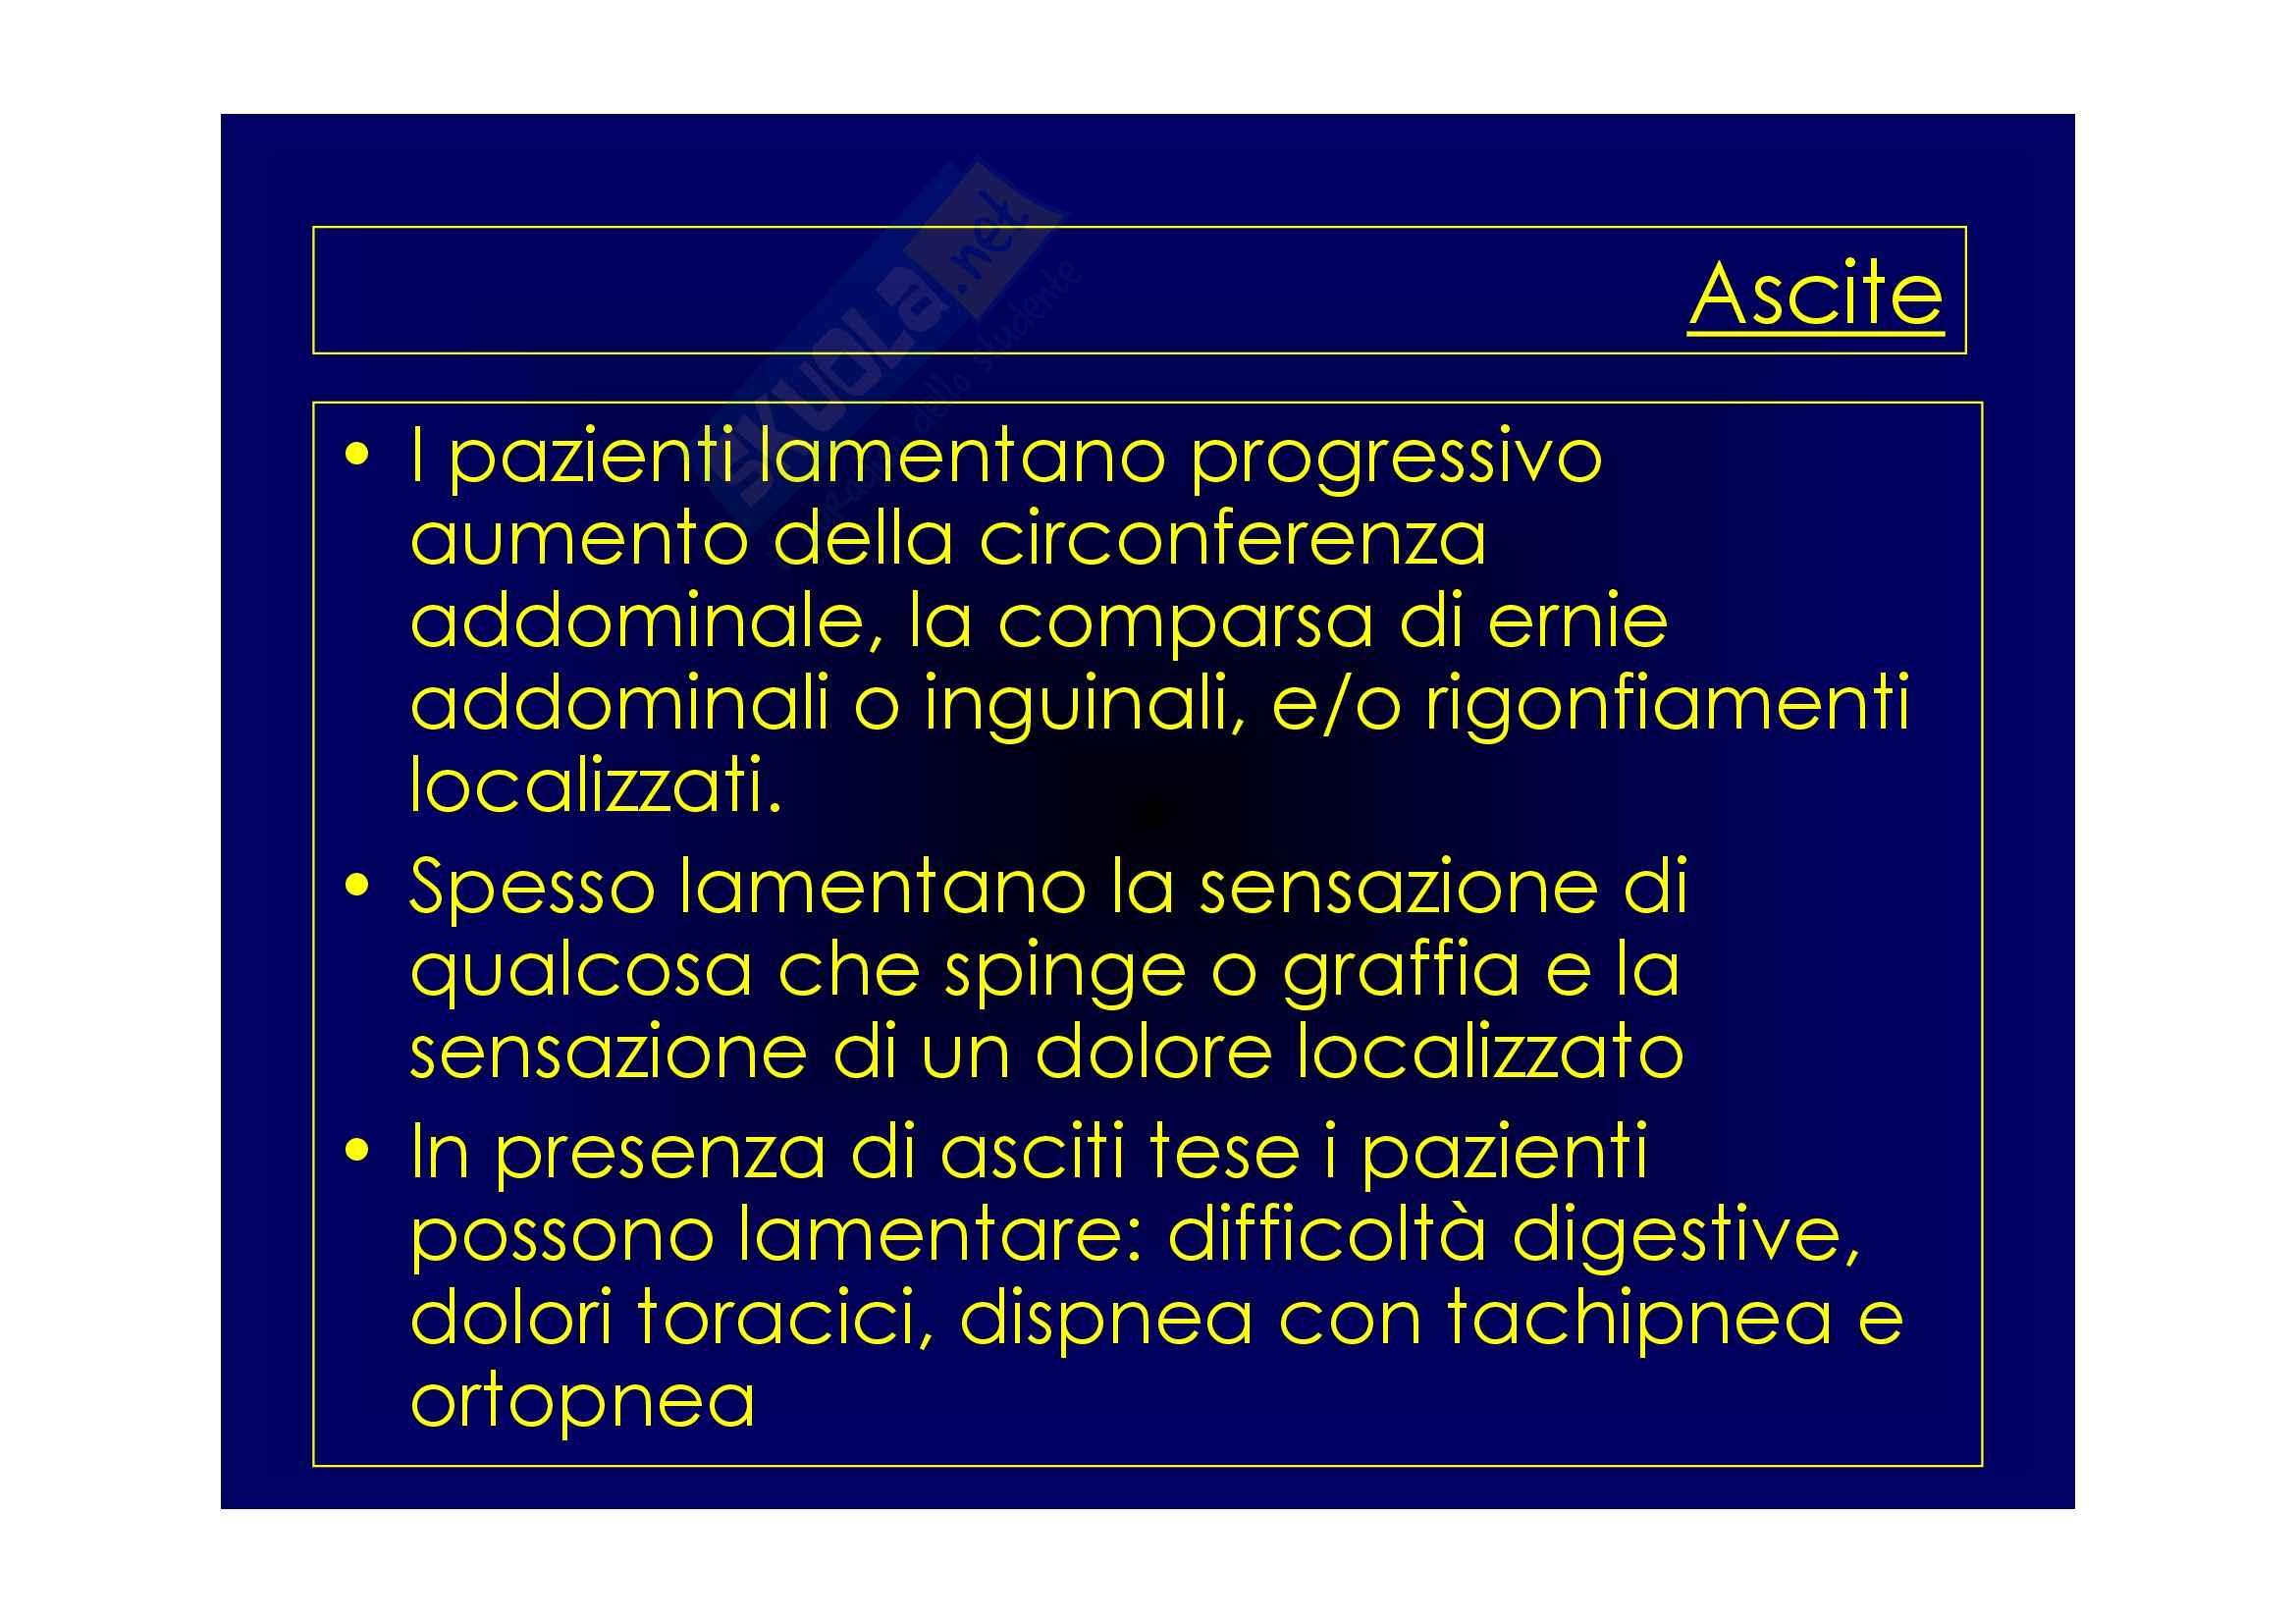 Gastroenterologia - Complicanze Cirrosi Pag. 26